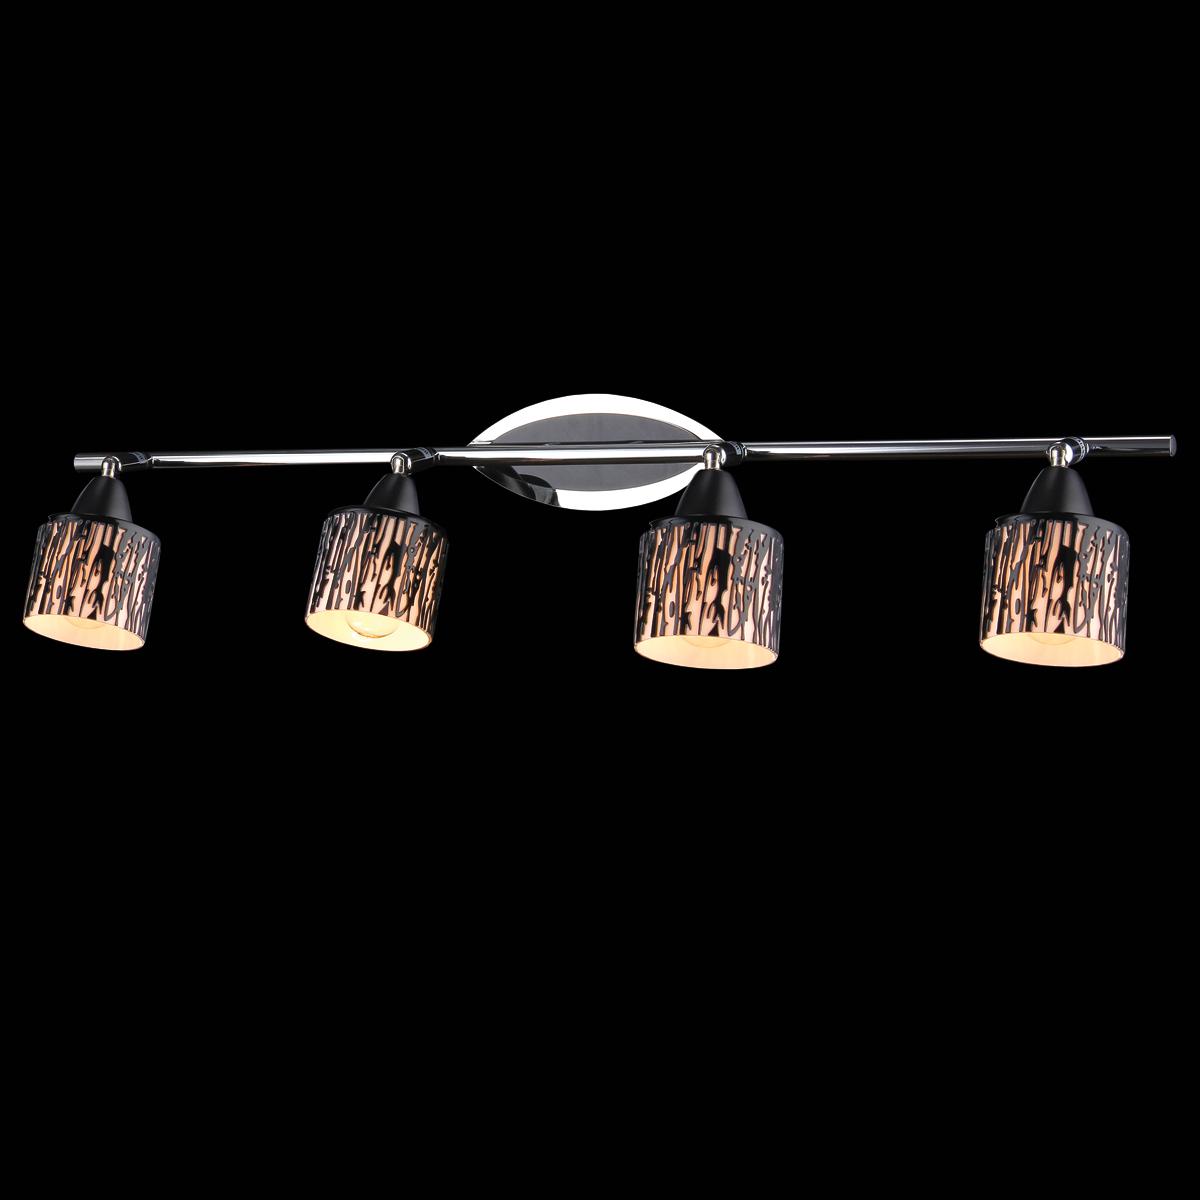 Светильник Natali Kovaltseva, 4 x E14, 40W, цвет: хром. 10862/410862/4 CHROMEВ коллекциях NATALI KOVALTSEVA представлены разные стили – от классики до хайтека. Дизайн и технологическая составляющая продукции разрабатывается в R&D центре компании, который находится в г. Дюссельдорф, Германия. При производстве нашей продукции используются высококачественные и эксклюзивные материалы: хрусталь ASFOR, муранское стекло, перламутр, 24-каратное золото, бронза. Производство светильников соответствует стандарту системы менеджмента качества ISO 9001-2000. На всю продукцию ТМ Natali Kovaltseva распространяется гарантия.